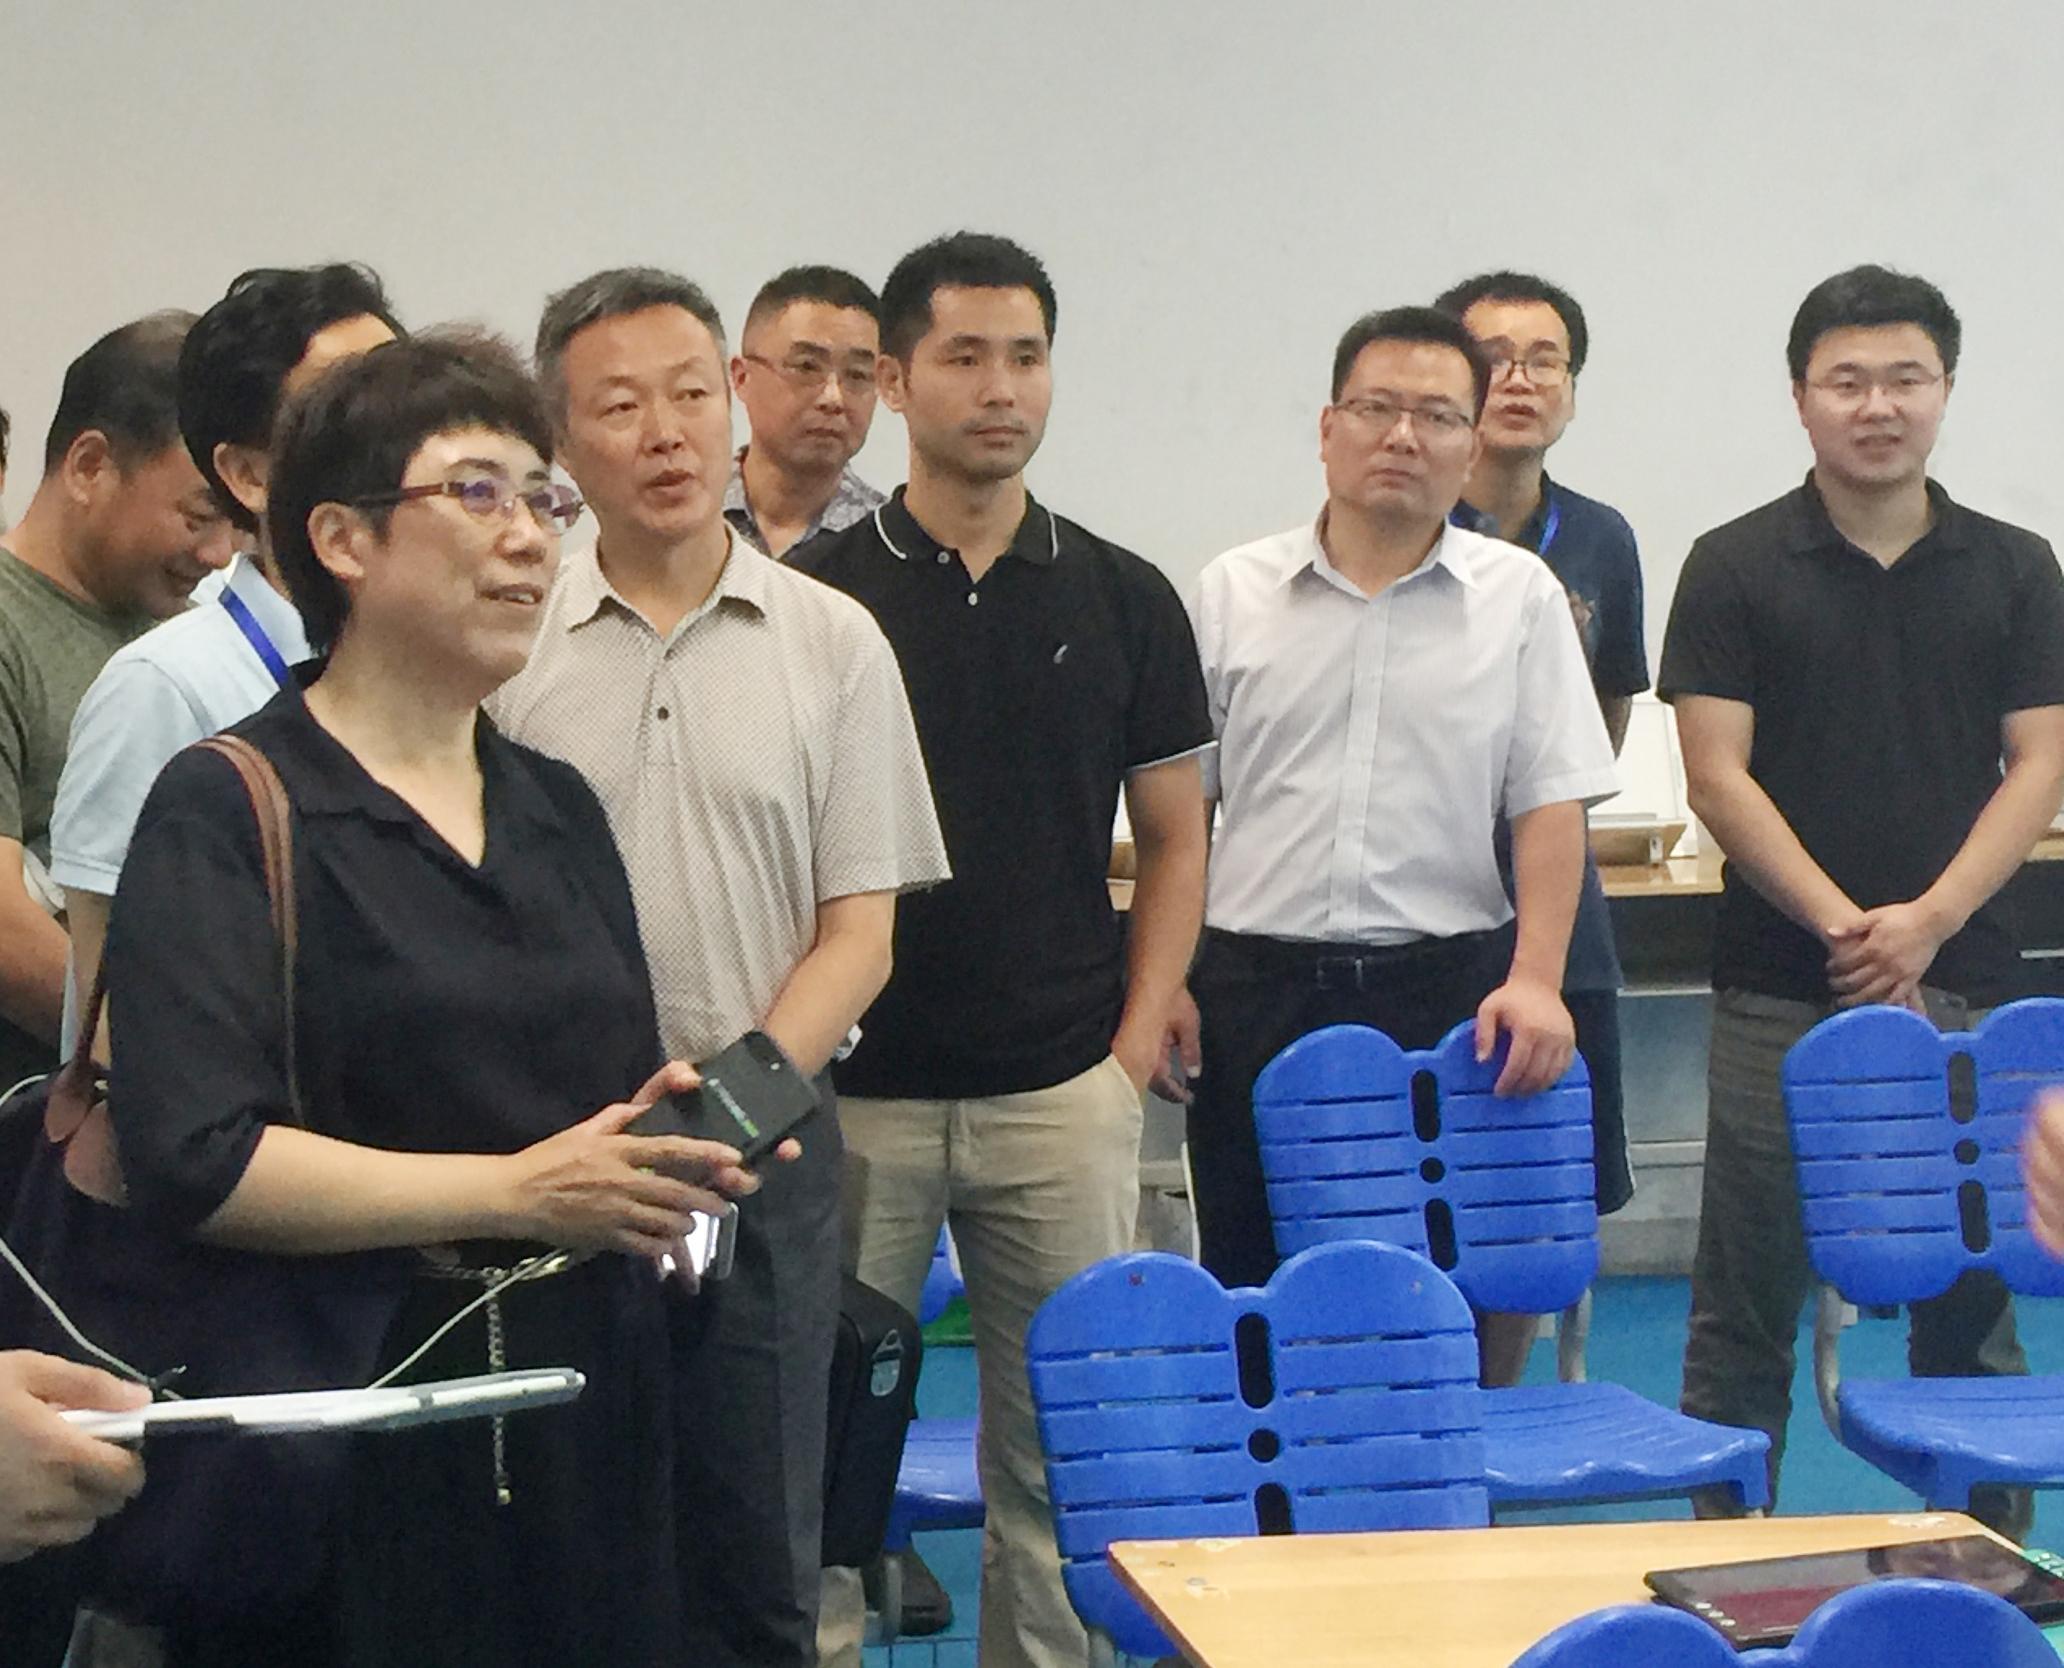 安徽省教育厅副厅长金燕莅临展会参观指导